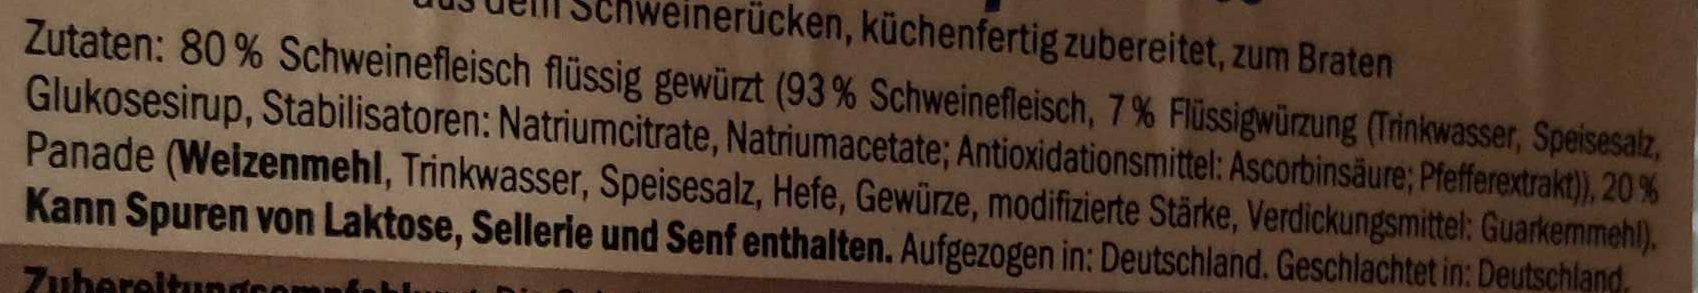 Schnitzel paniert - Inhaltsstoffe - de